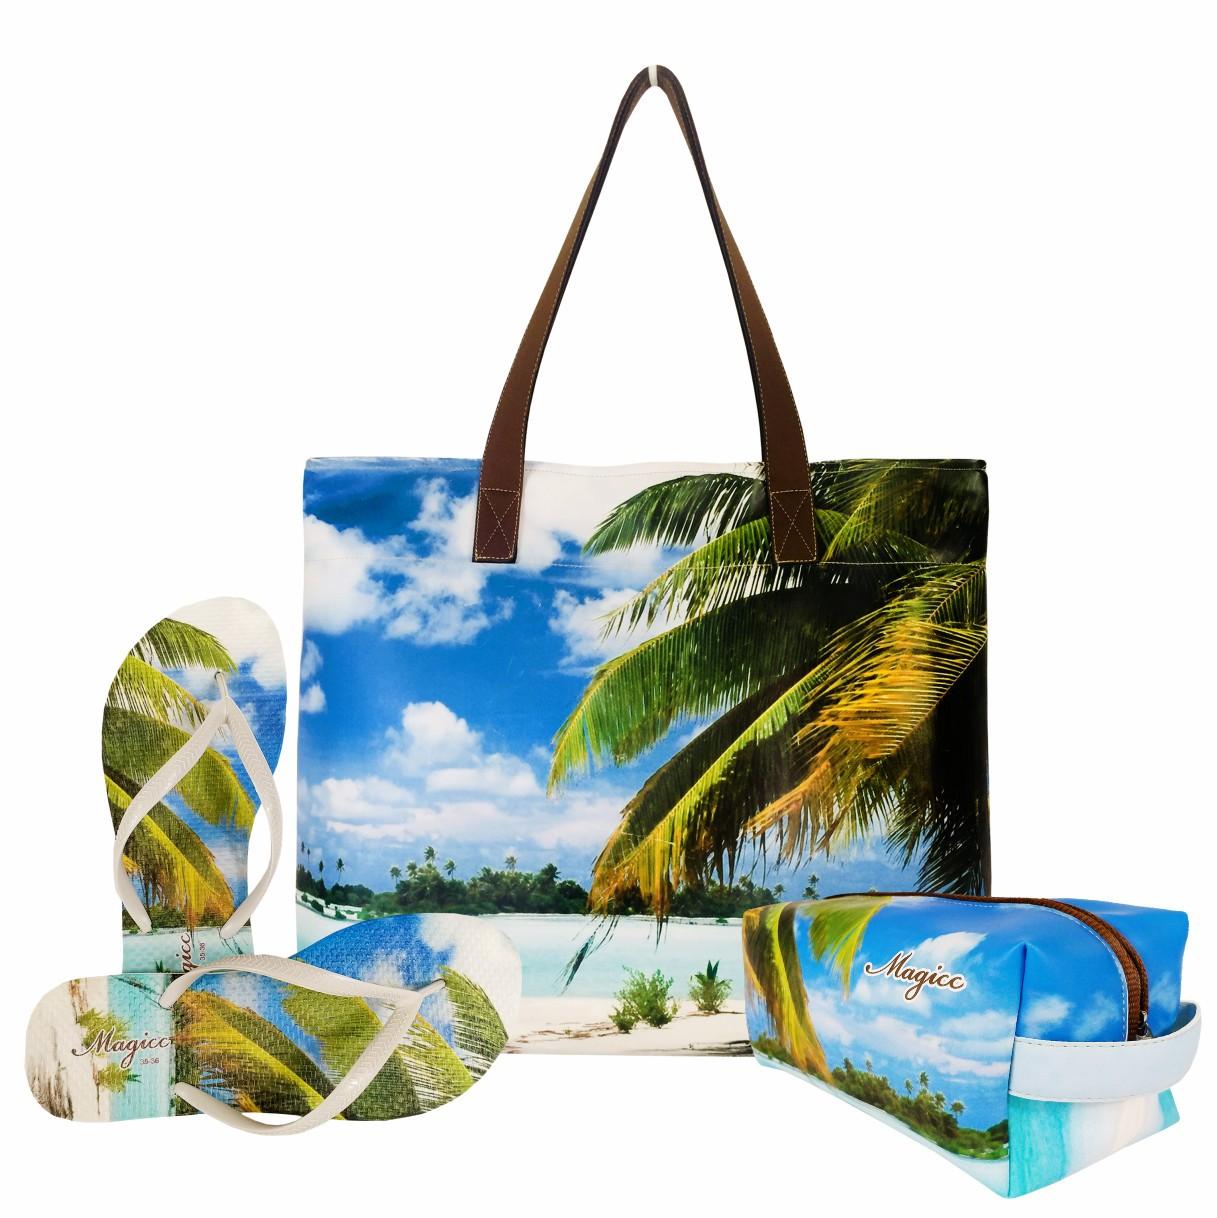 Kit Praia Feminino Coqueiro com Bolsa, Necessaire e Chinelo, Magicc